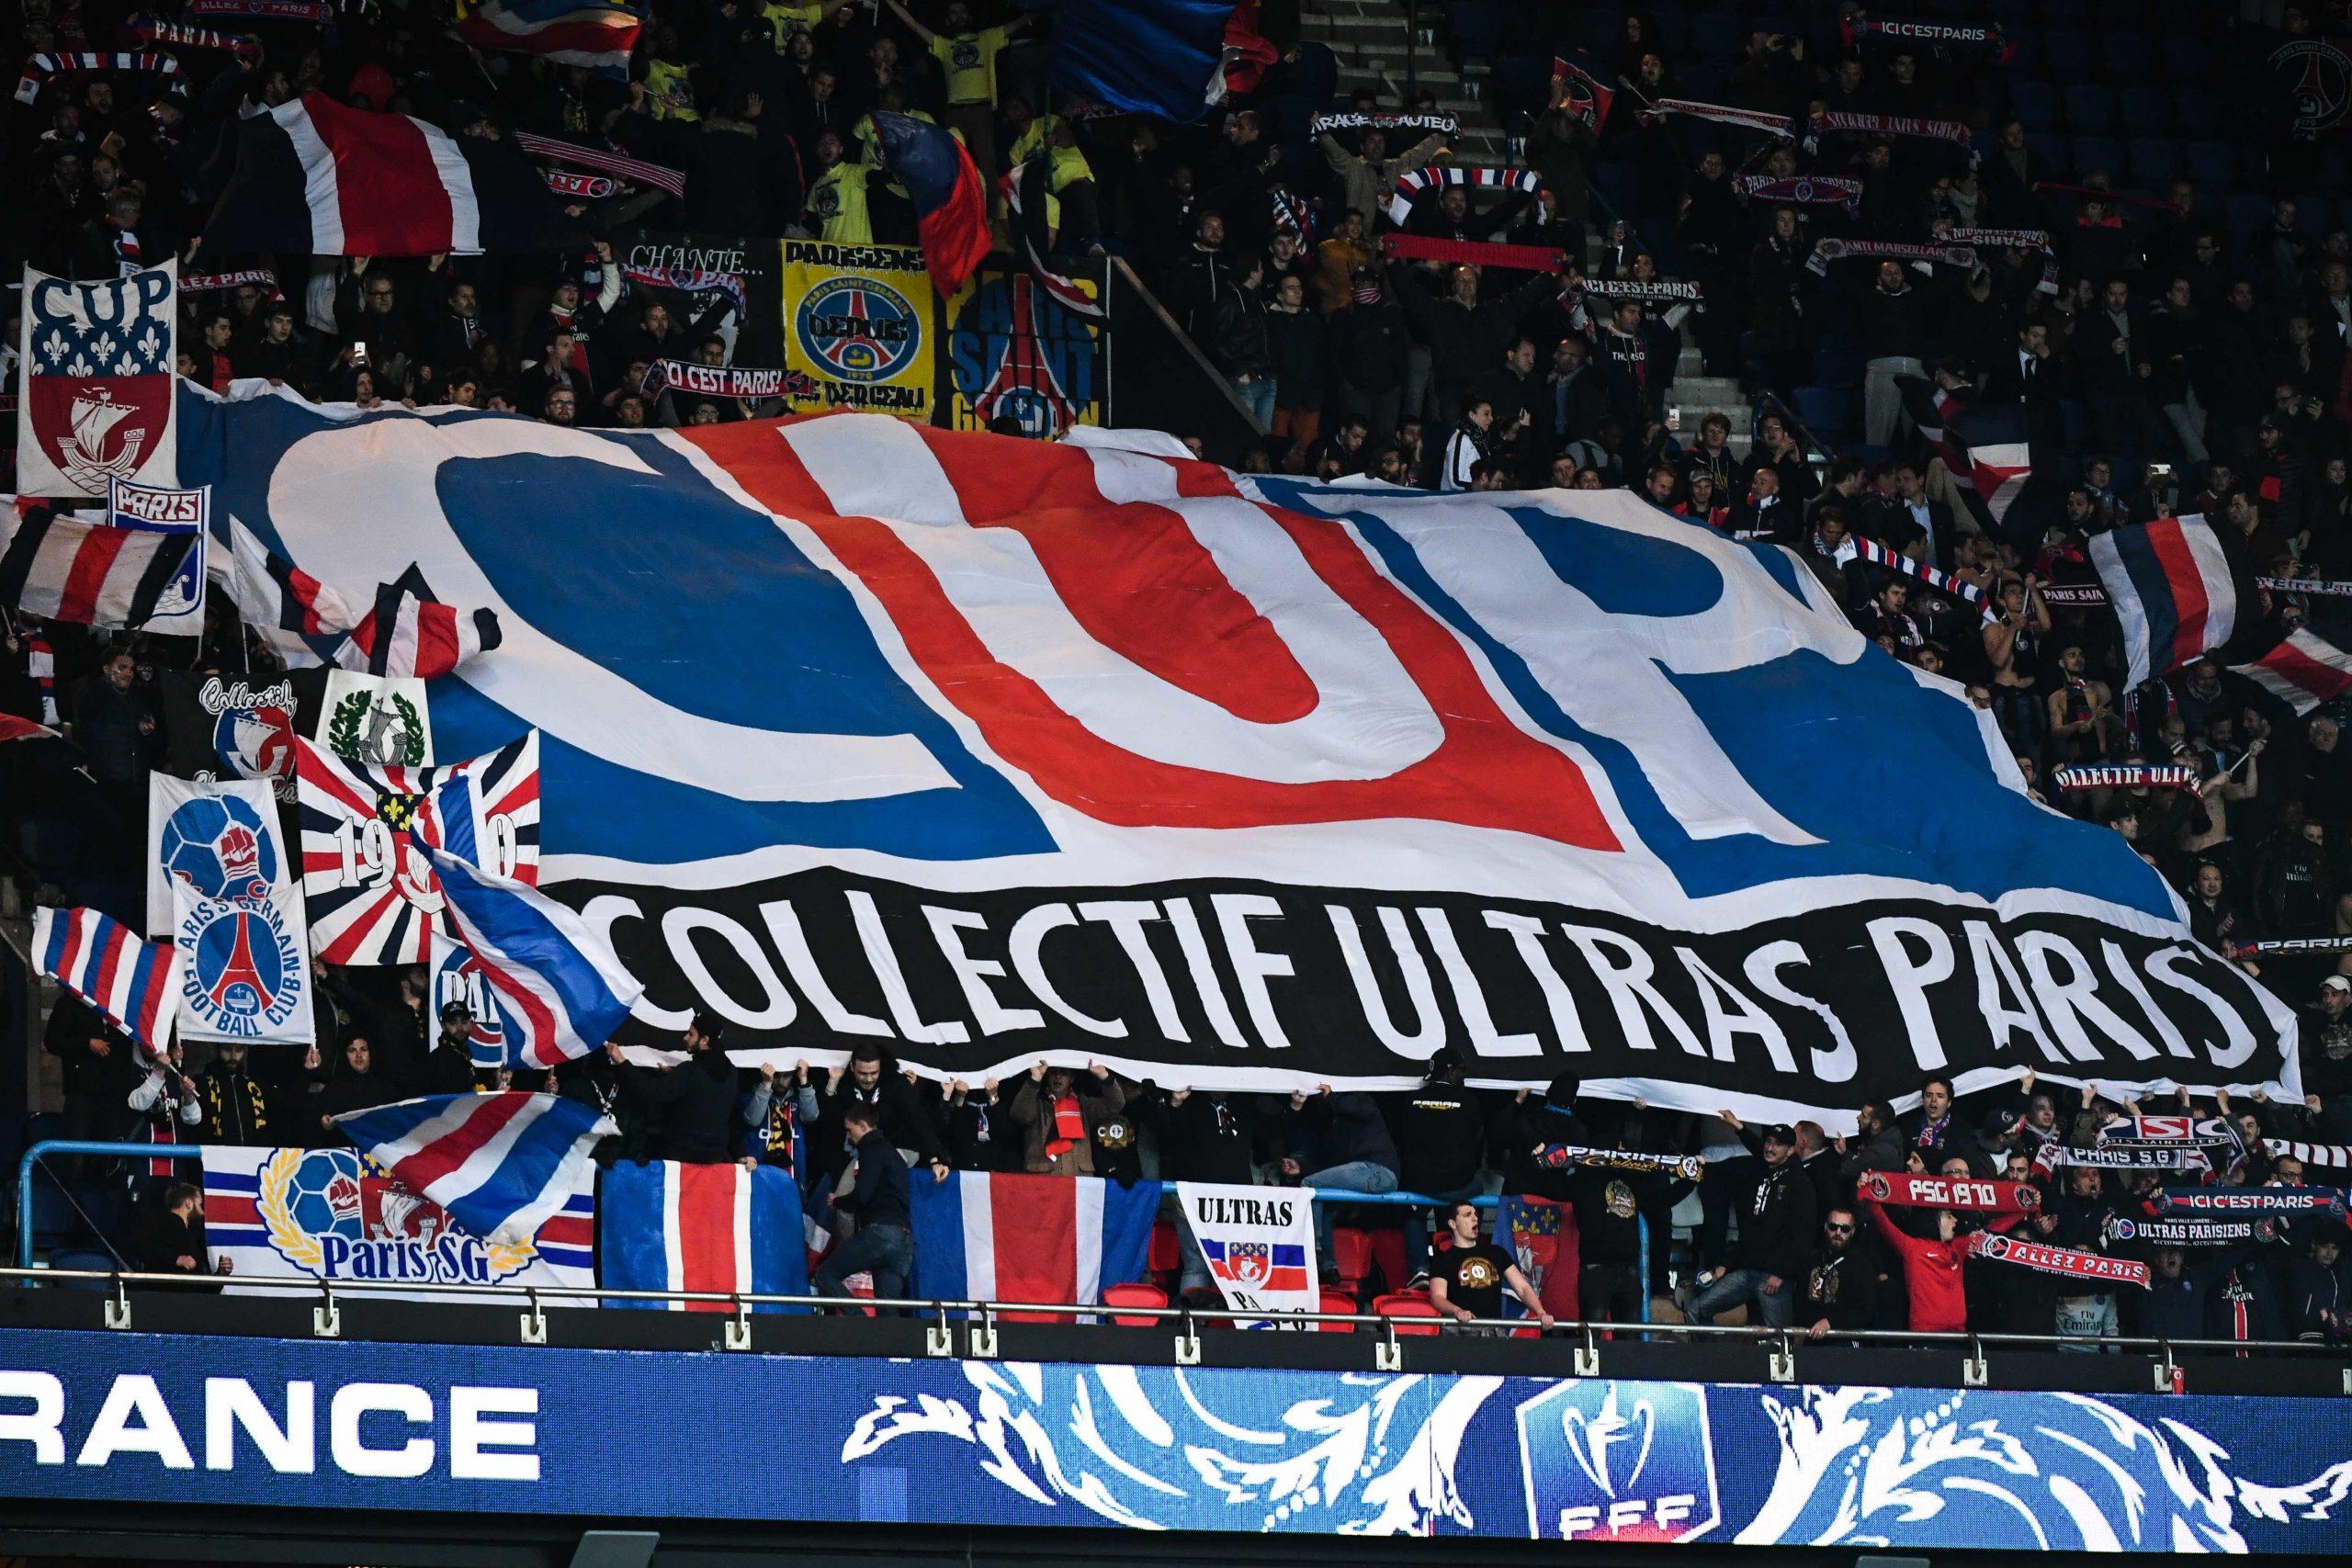 PSG/Barcelone – Le Collectif Ultras Paris étudierait 2 actions possibles